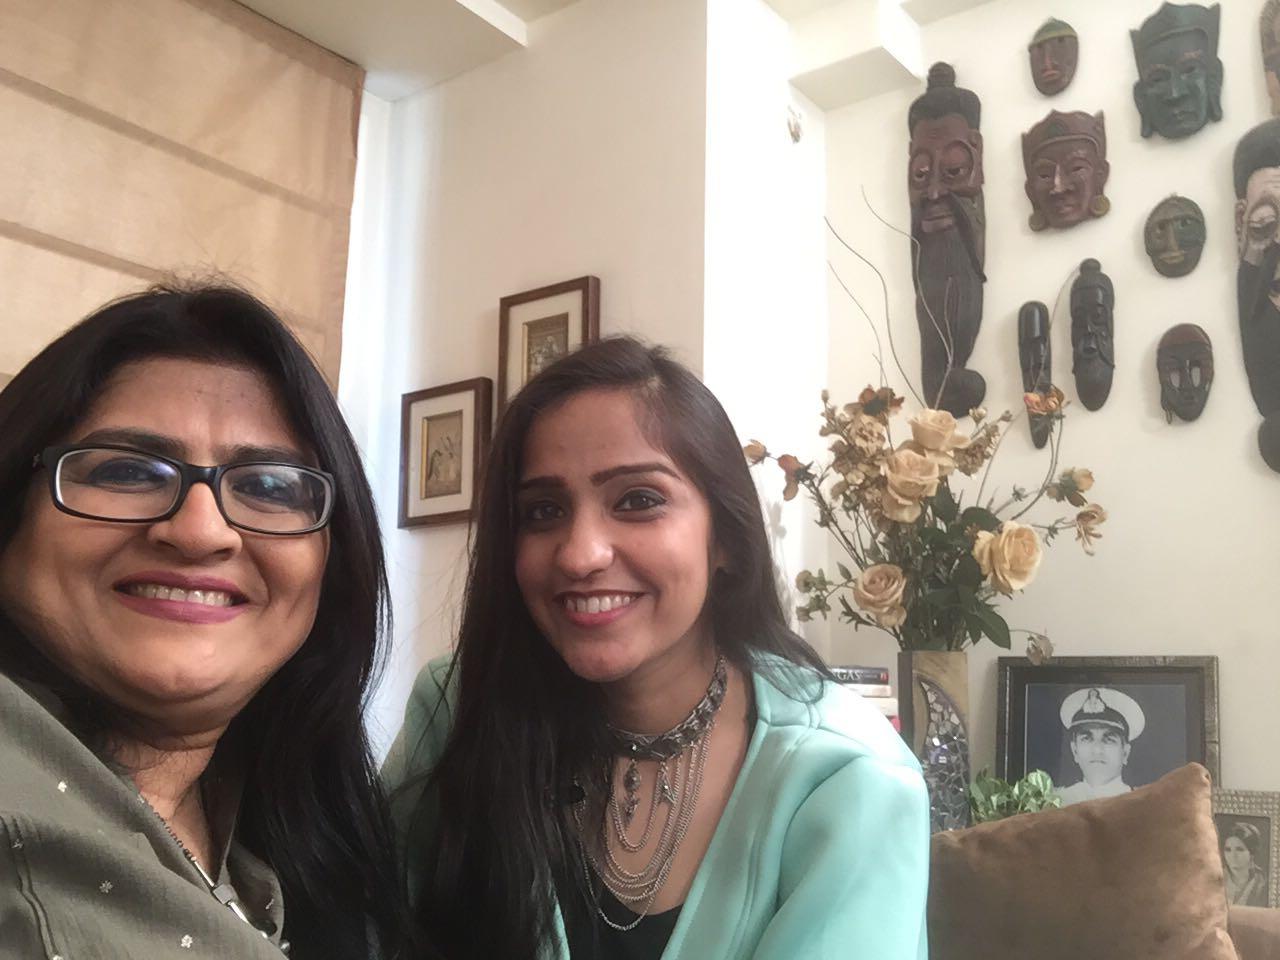 Asees Kaur and Priya